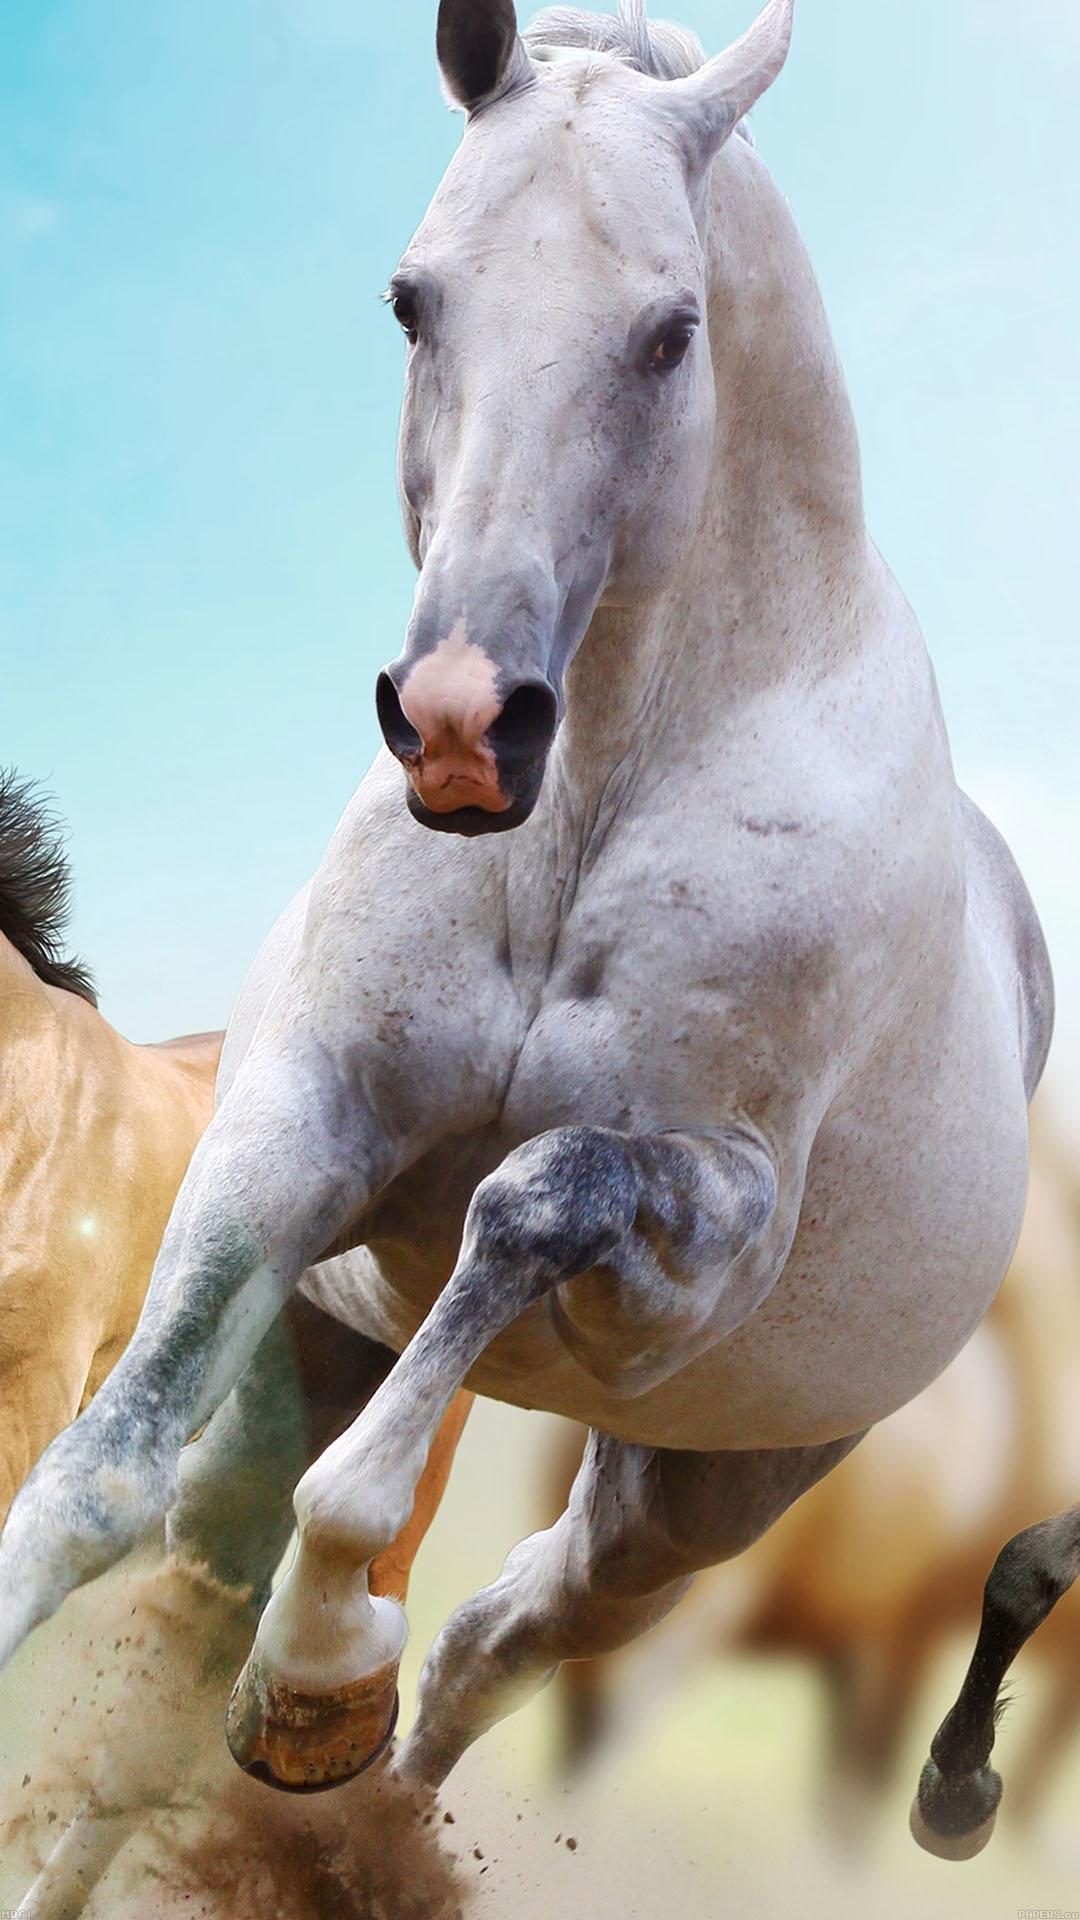 Horses Run 3Wallpapers iPhone Parallax Horse: Run